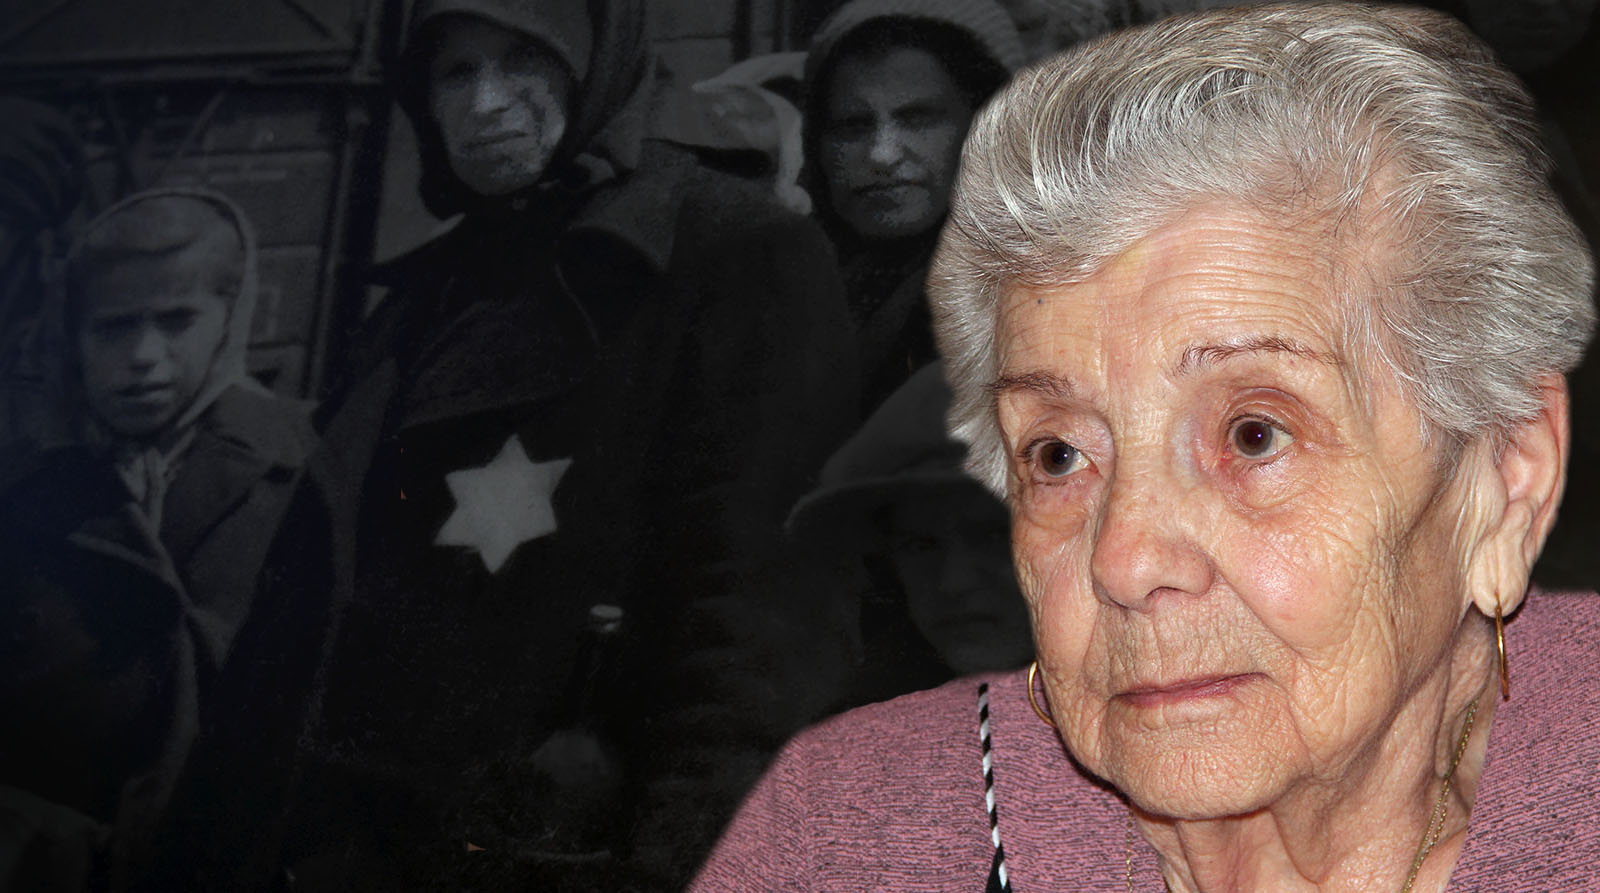 Nagyné Strasszer Etelka: Hetvenöt éve kísért Auschwitz emléke – komaromonline.sk